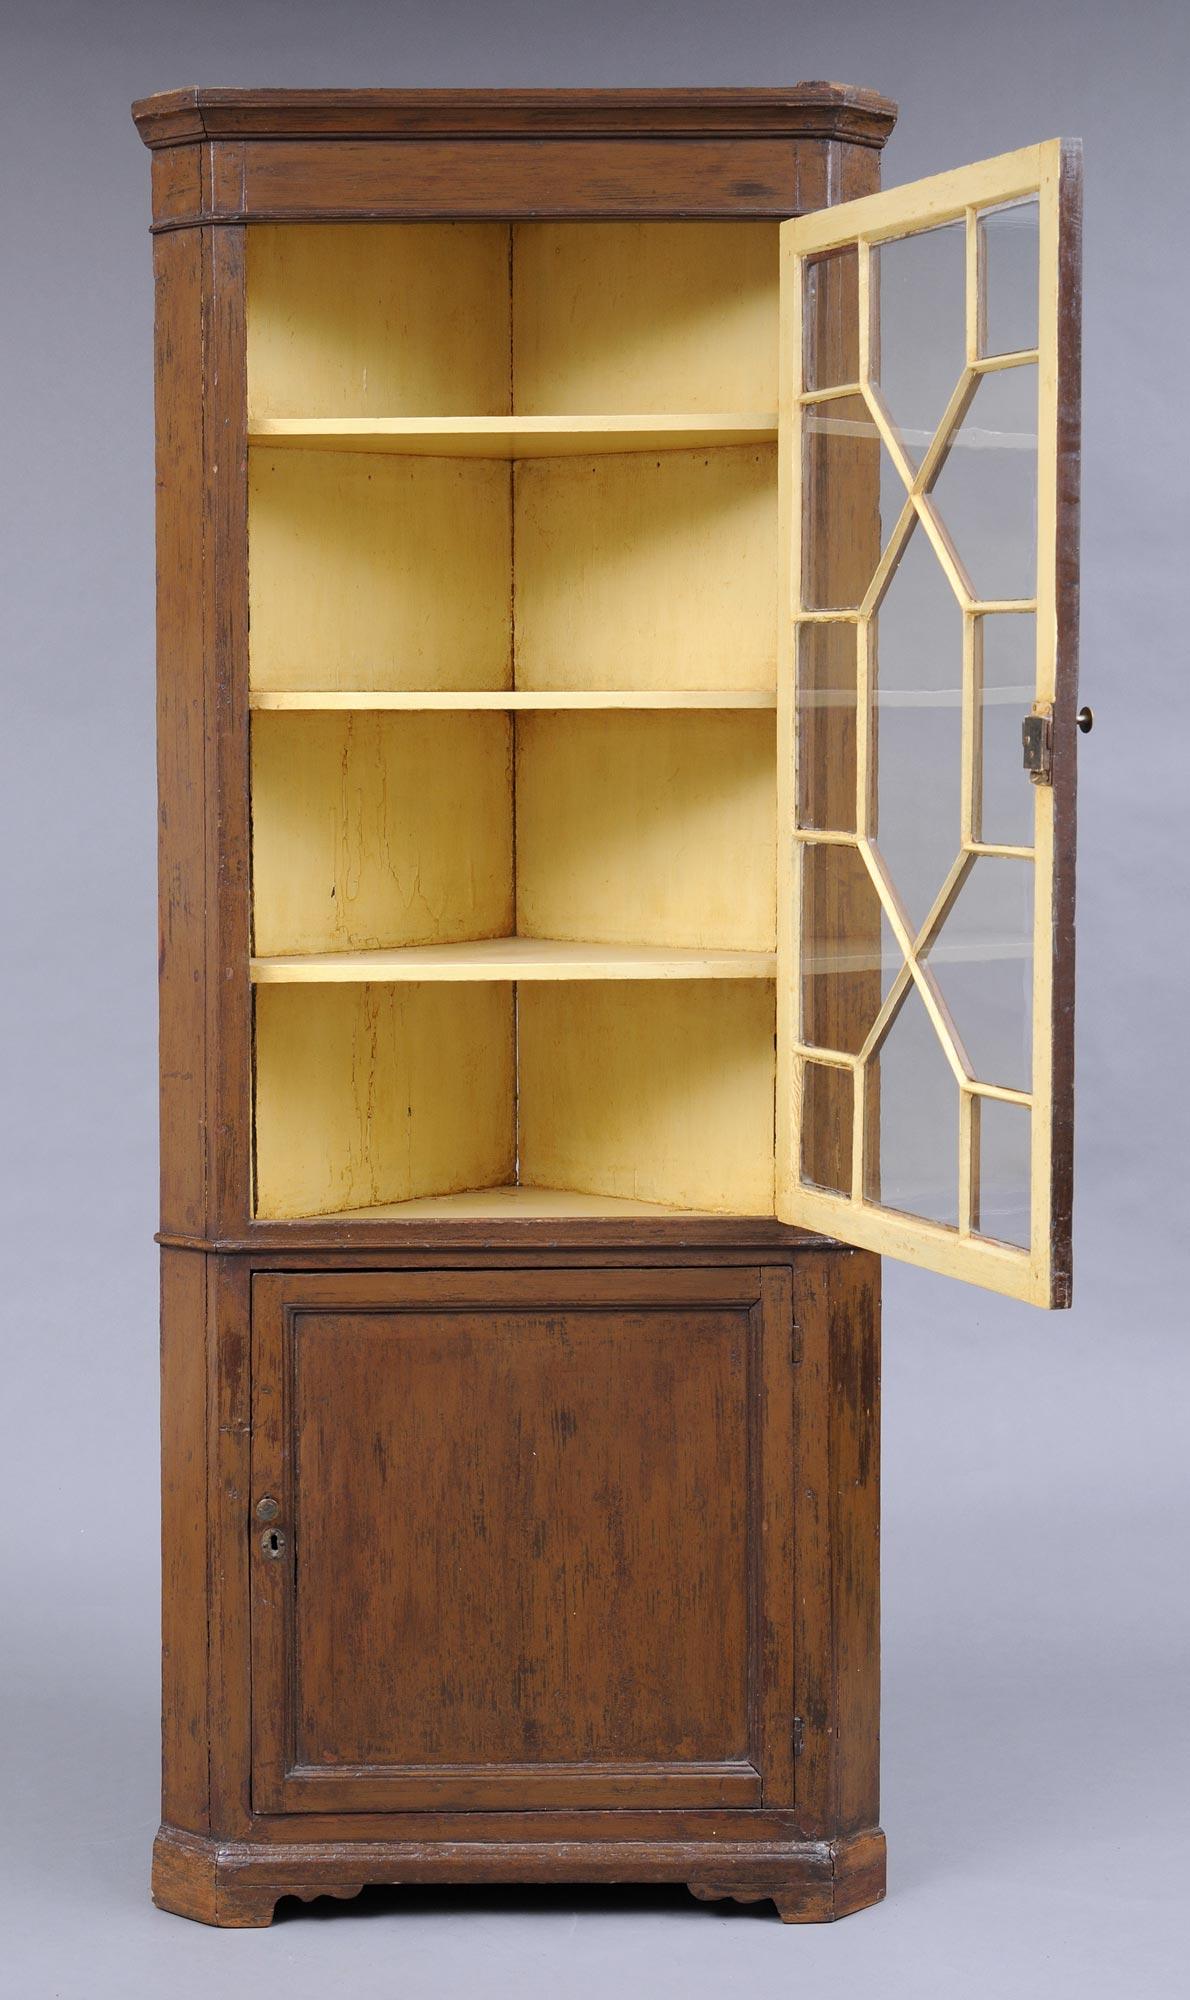 187 Product 187 English Pine Corner Cupboard